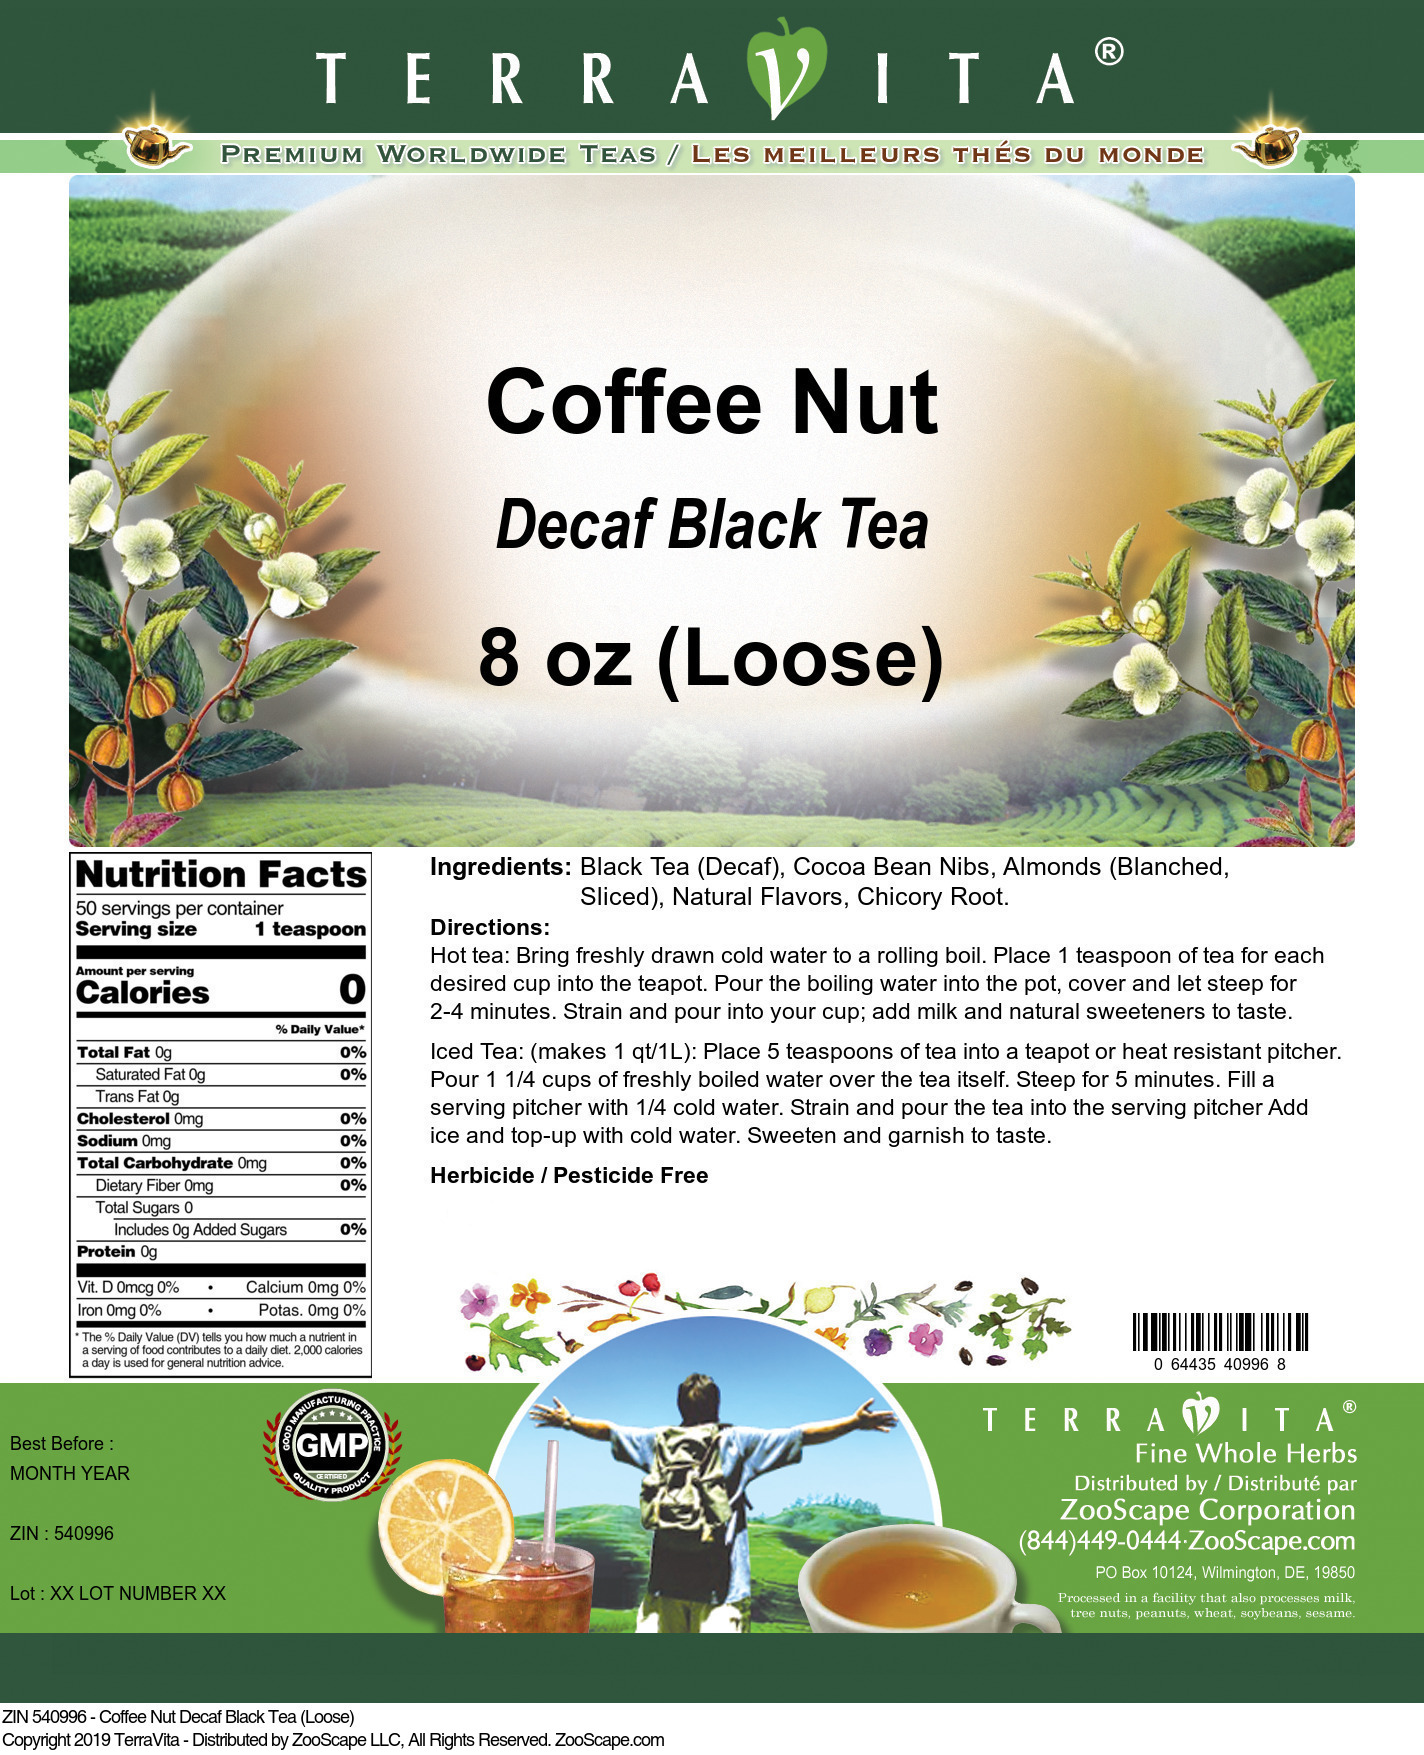 Coffee Nut Decaf Black Tea